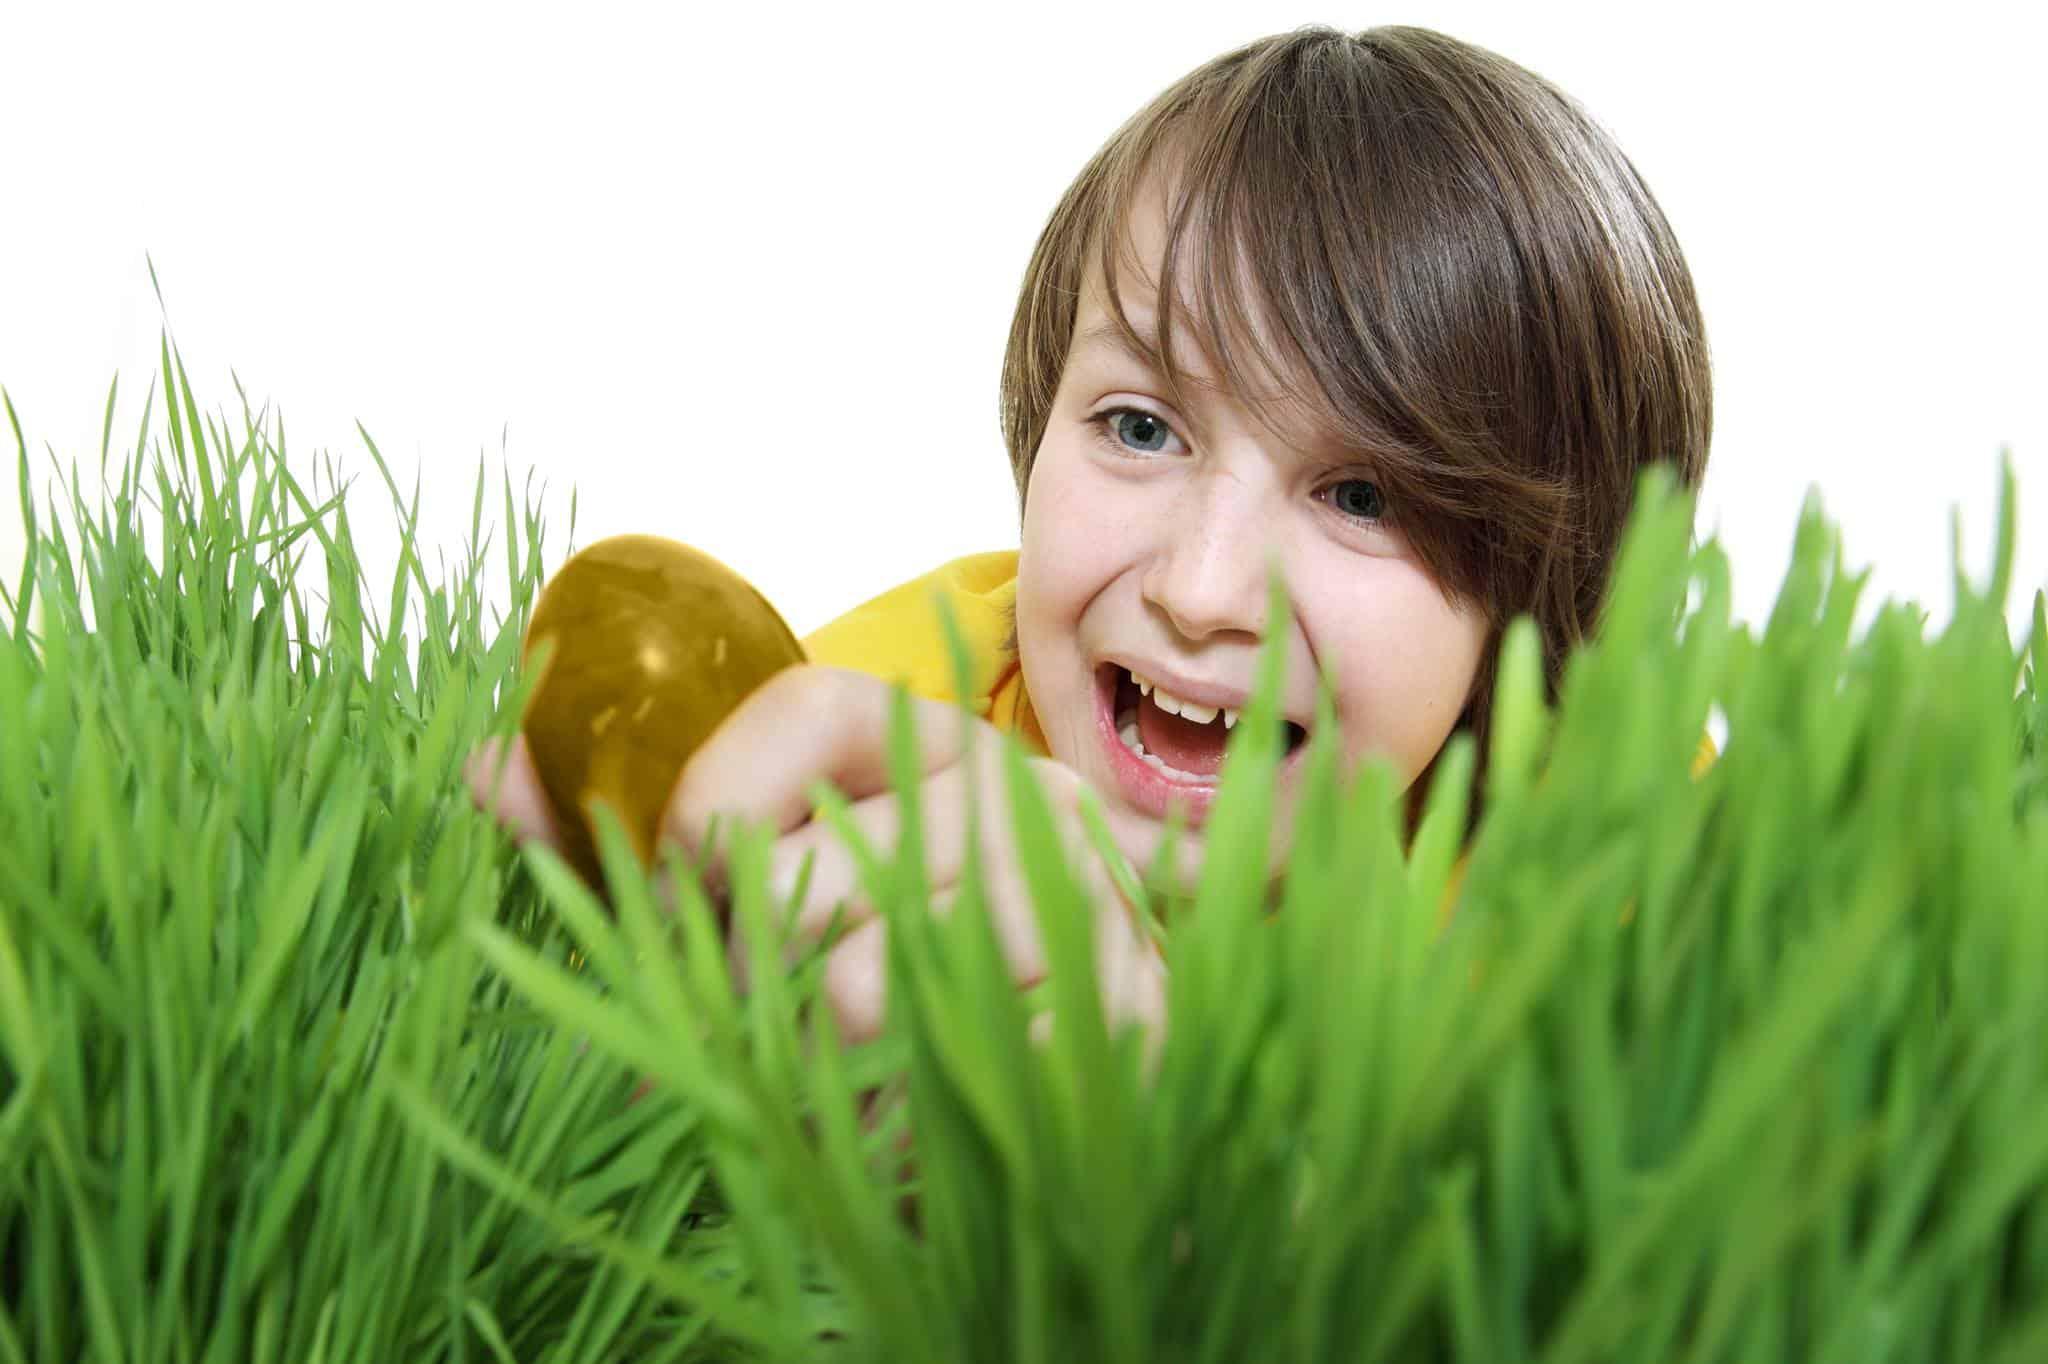 Zoek het Gouden ei